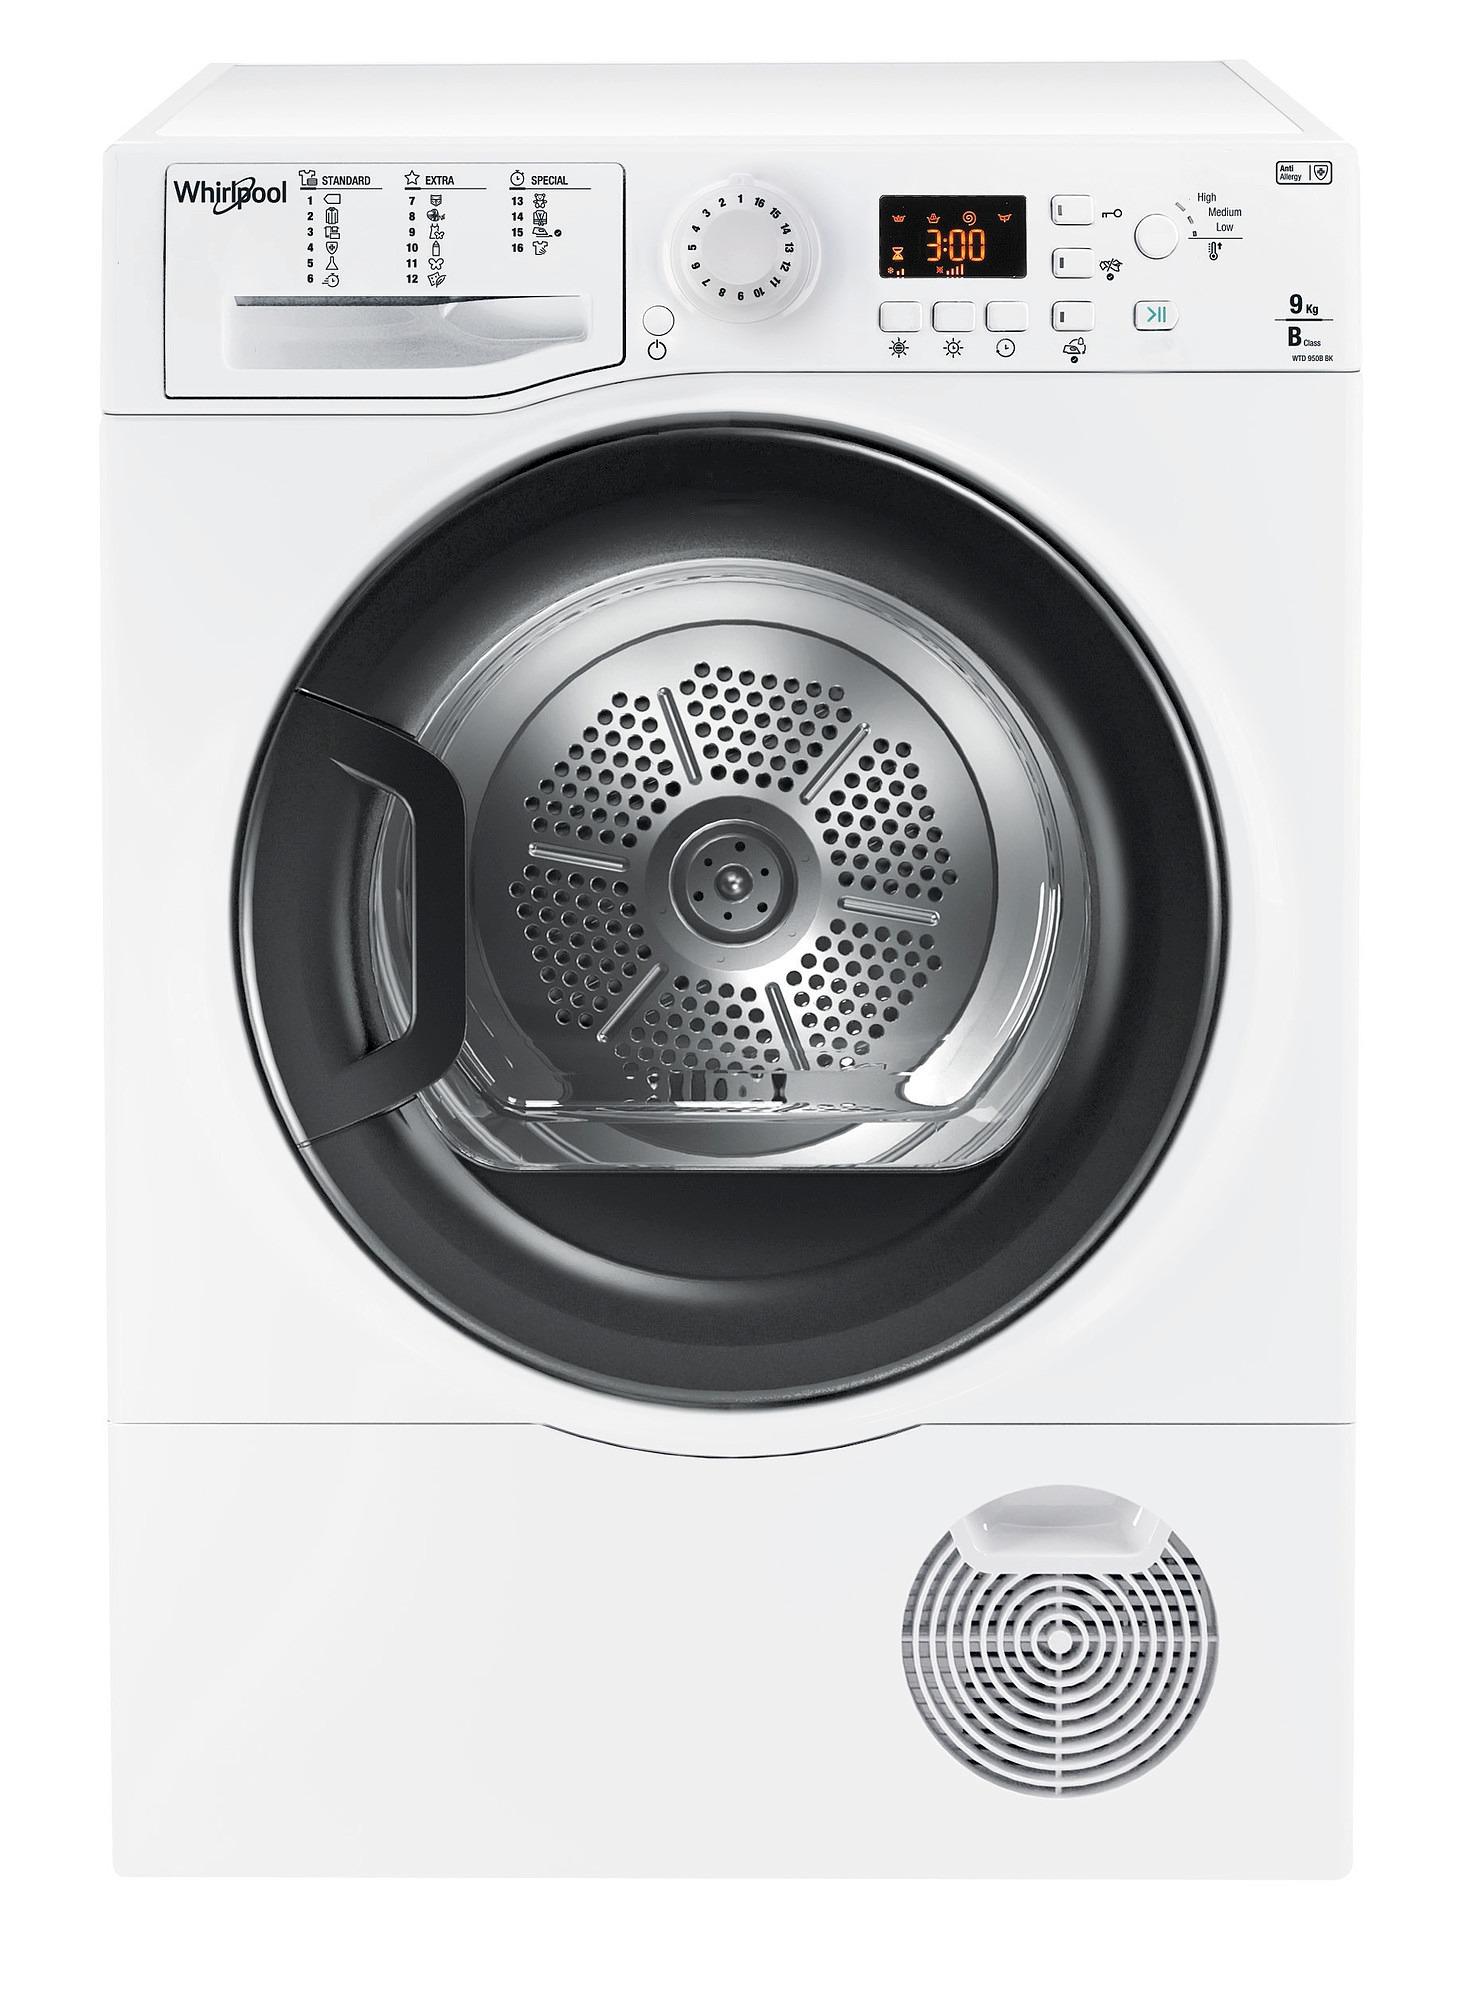 Whirlpool WTD 950B BK EU condensdroger